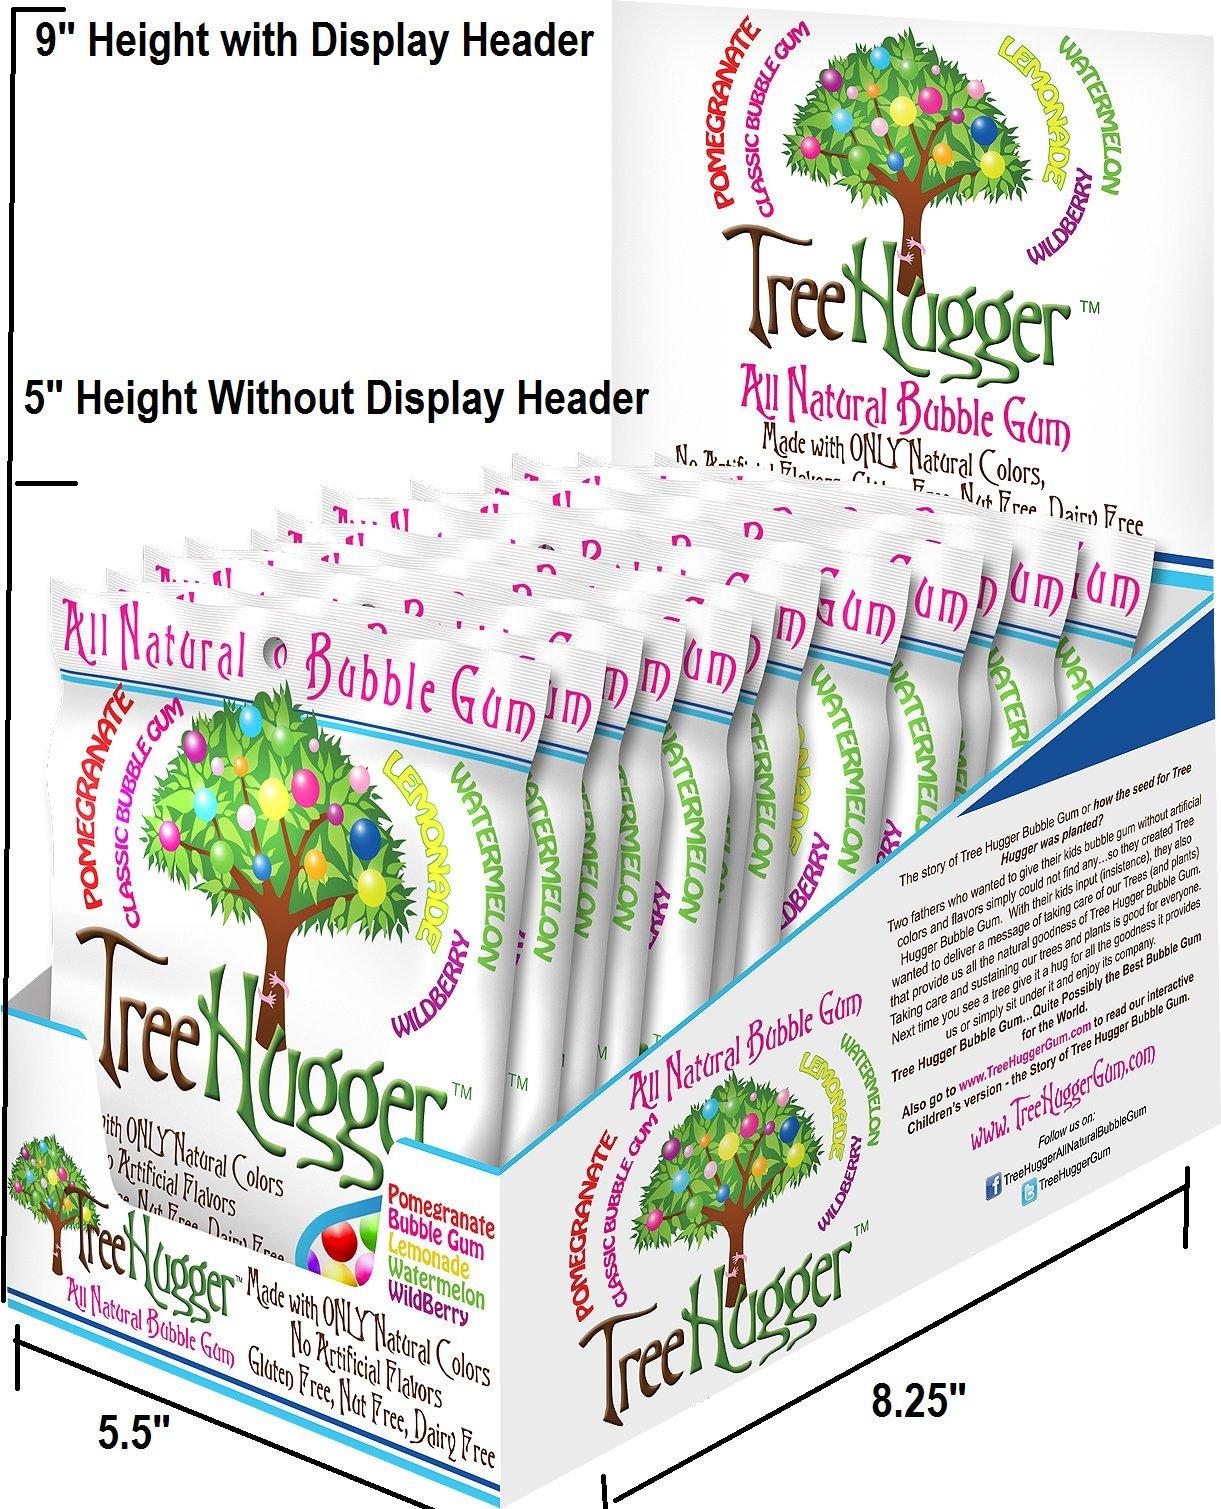 Tree Hugger Fruit Bubble Gum, 2 Ounce (Pack of 12) by Tree Hugger